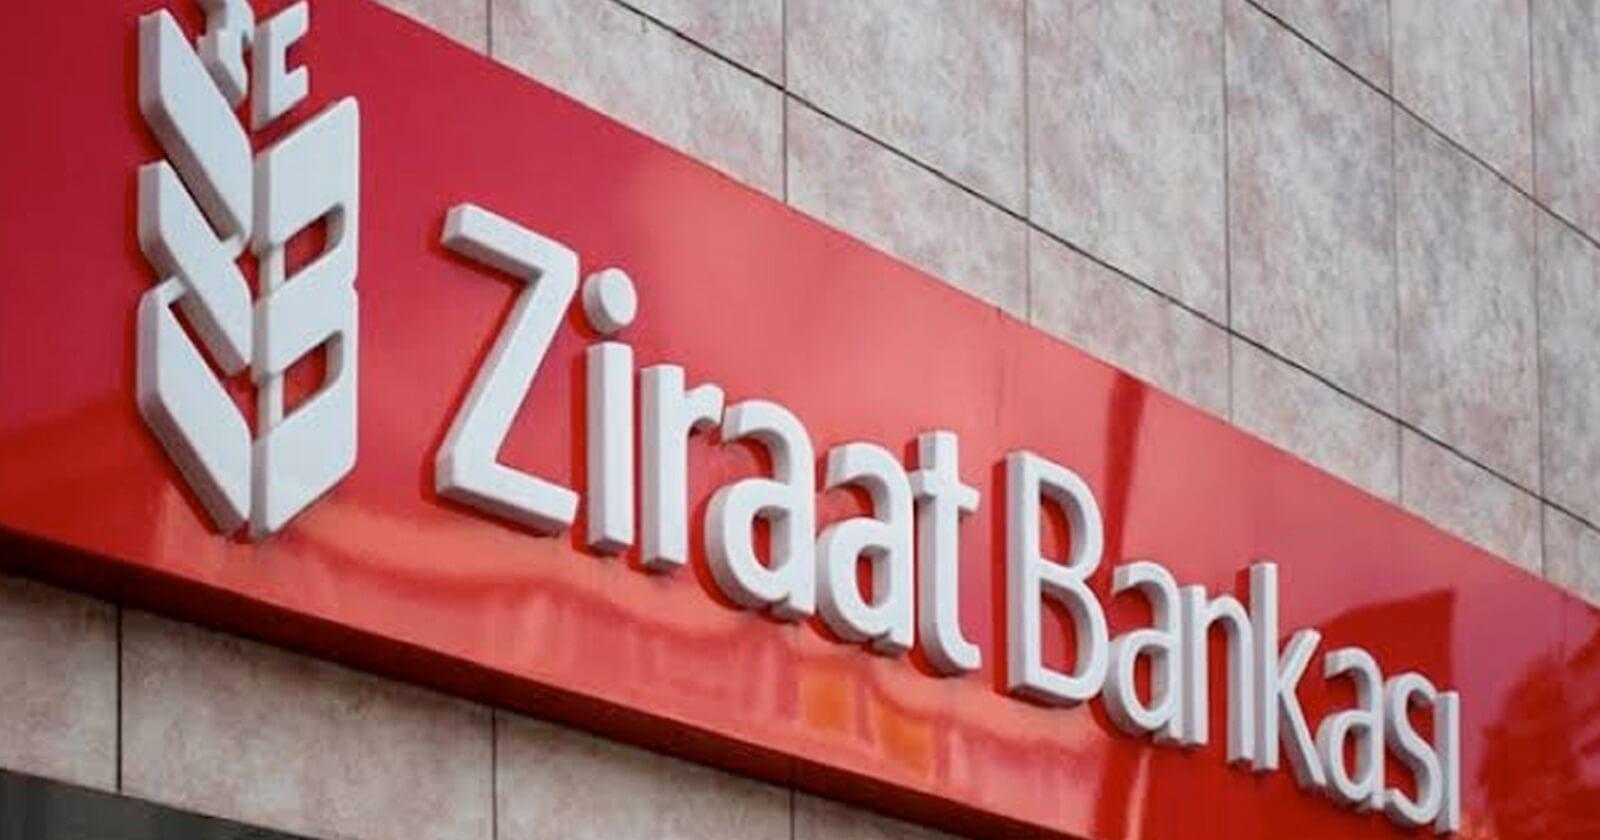 Ziraat Bankası güncel kresi faiz oranları 2021